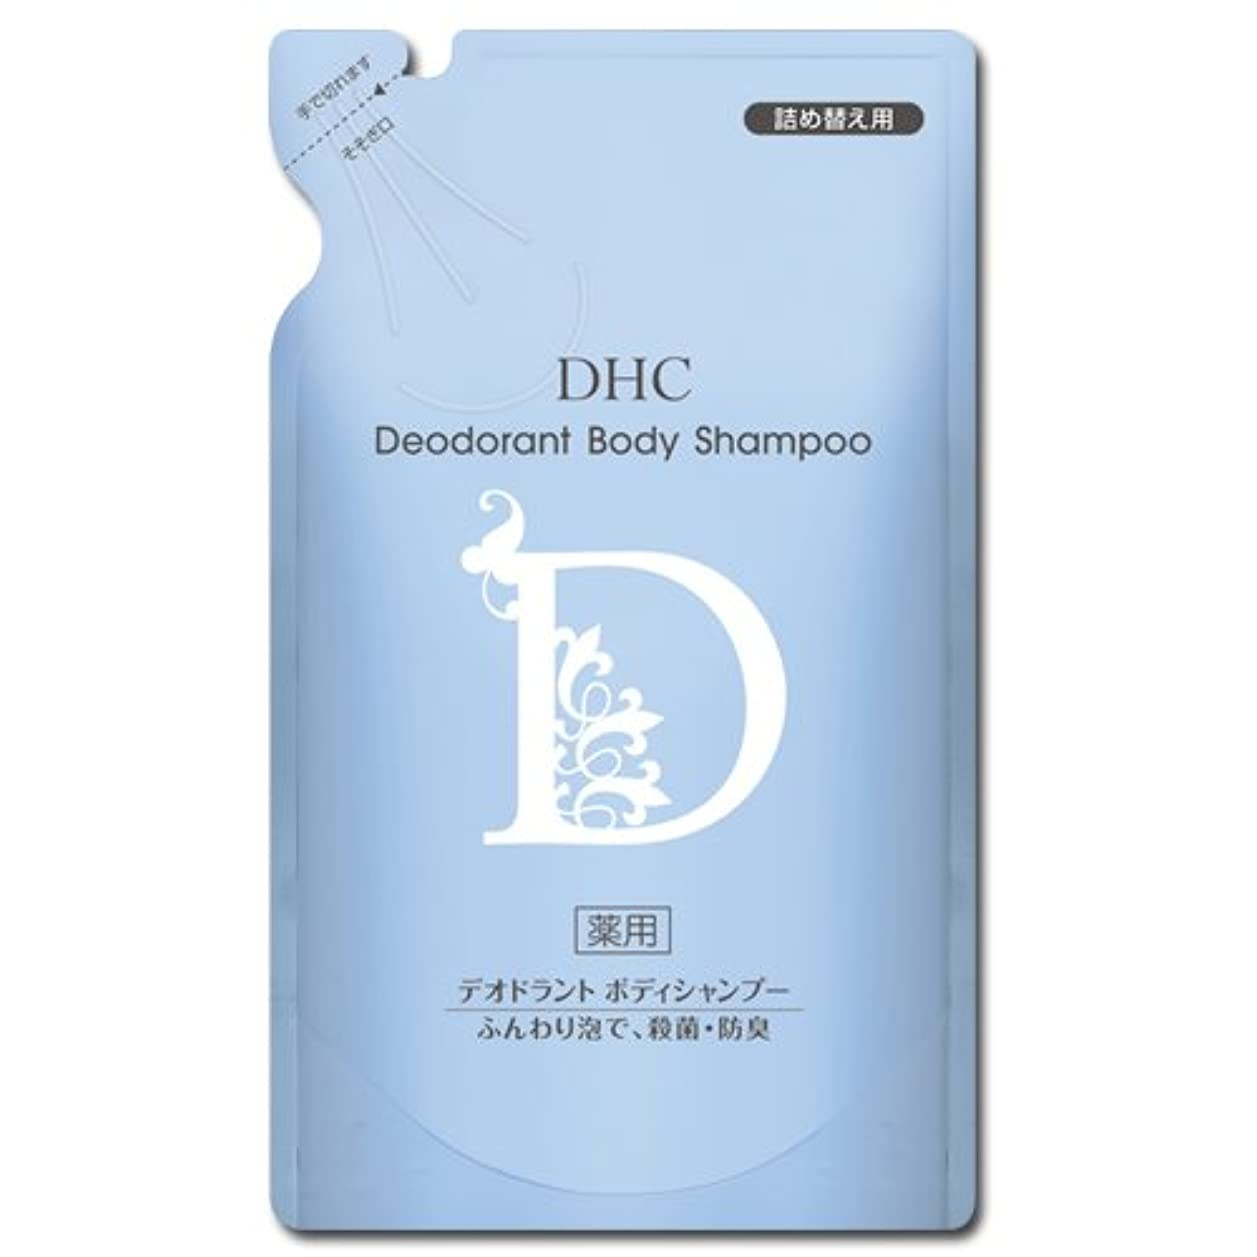 手書きマークチェリー【医薬部外品】DHC薬用デオドラント ボディシャンプー 詰め替え用